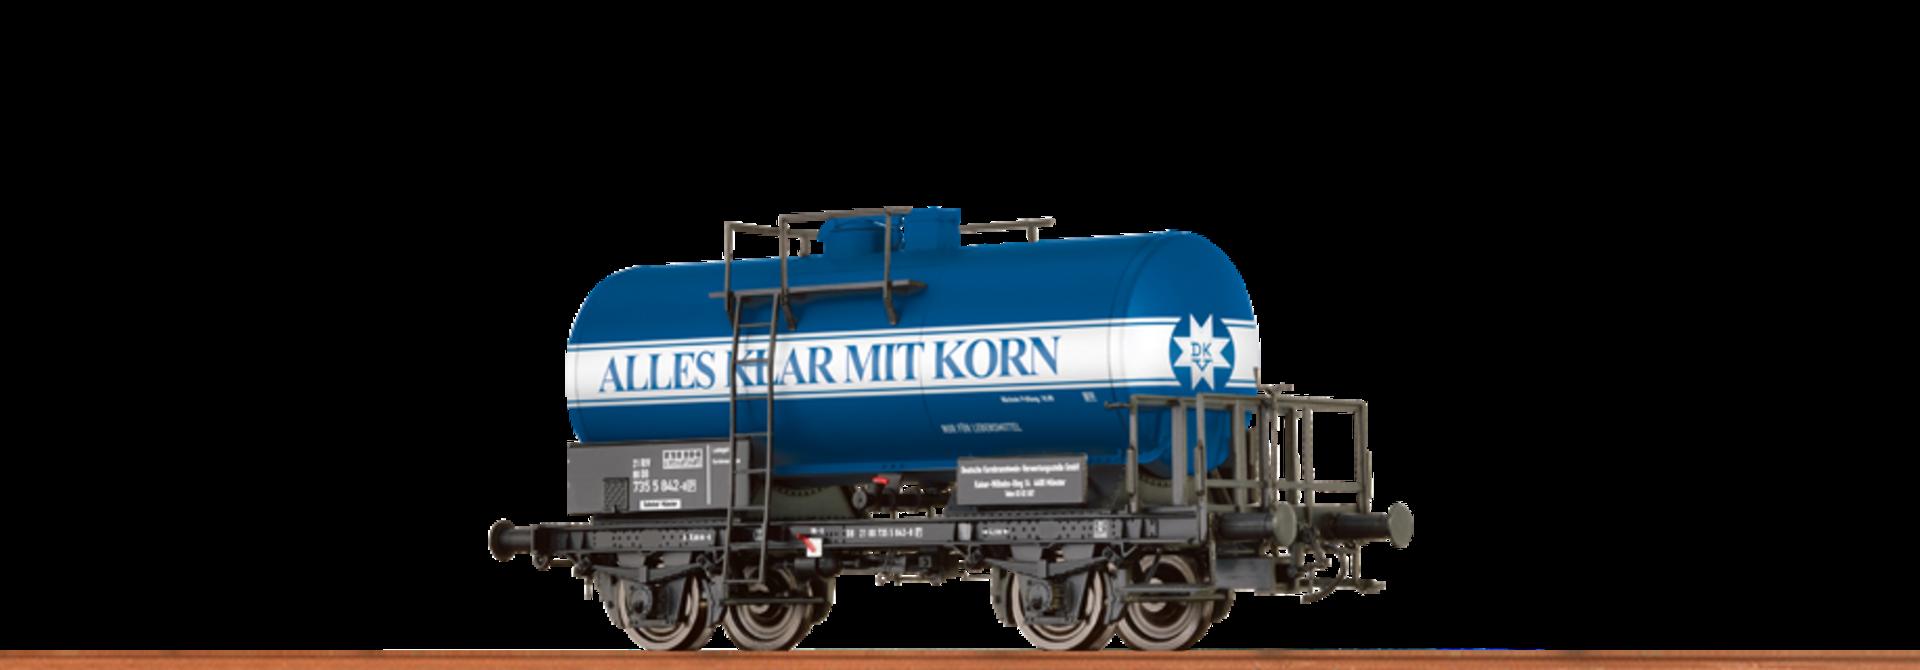 """49212 Kesselwagen """"alles klar mit korn"""""""